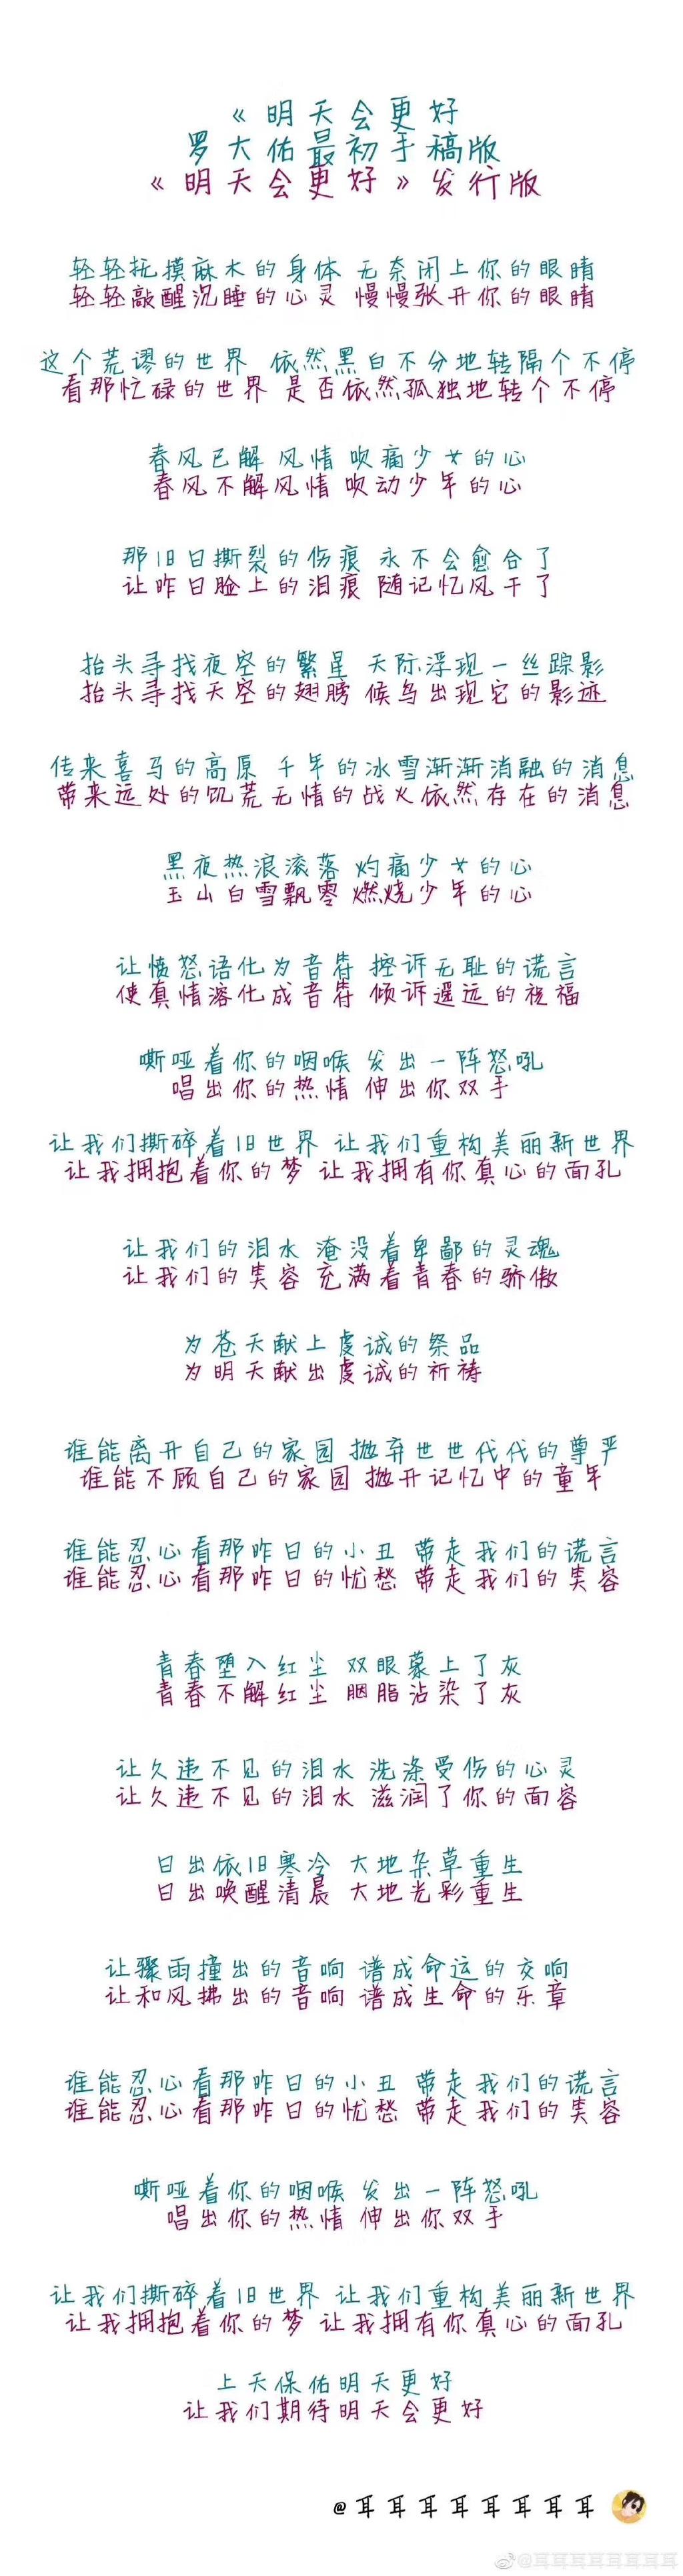 《明天會更好》羅大佑初稿歌詞和后來的演出版 漲姿勢 熱圖2